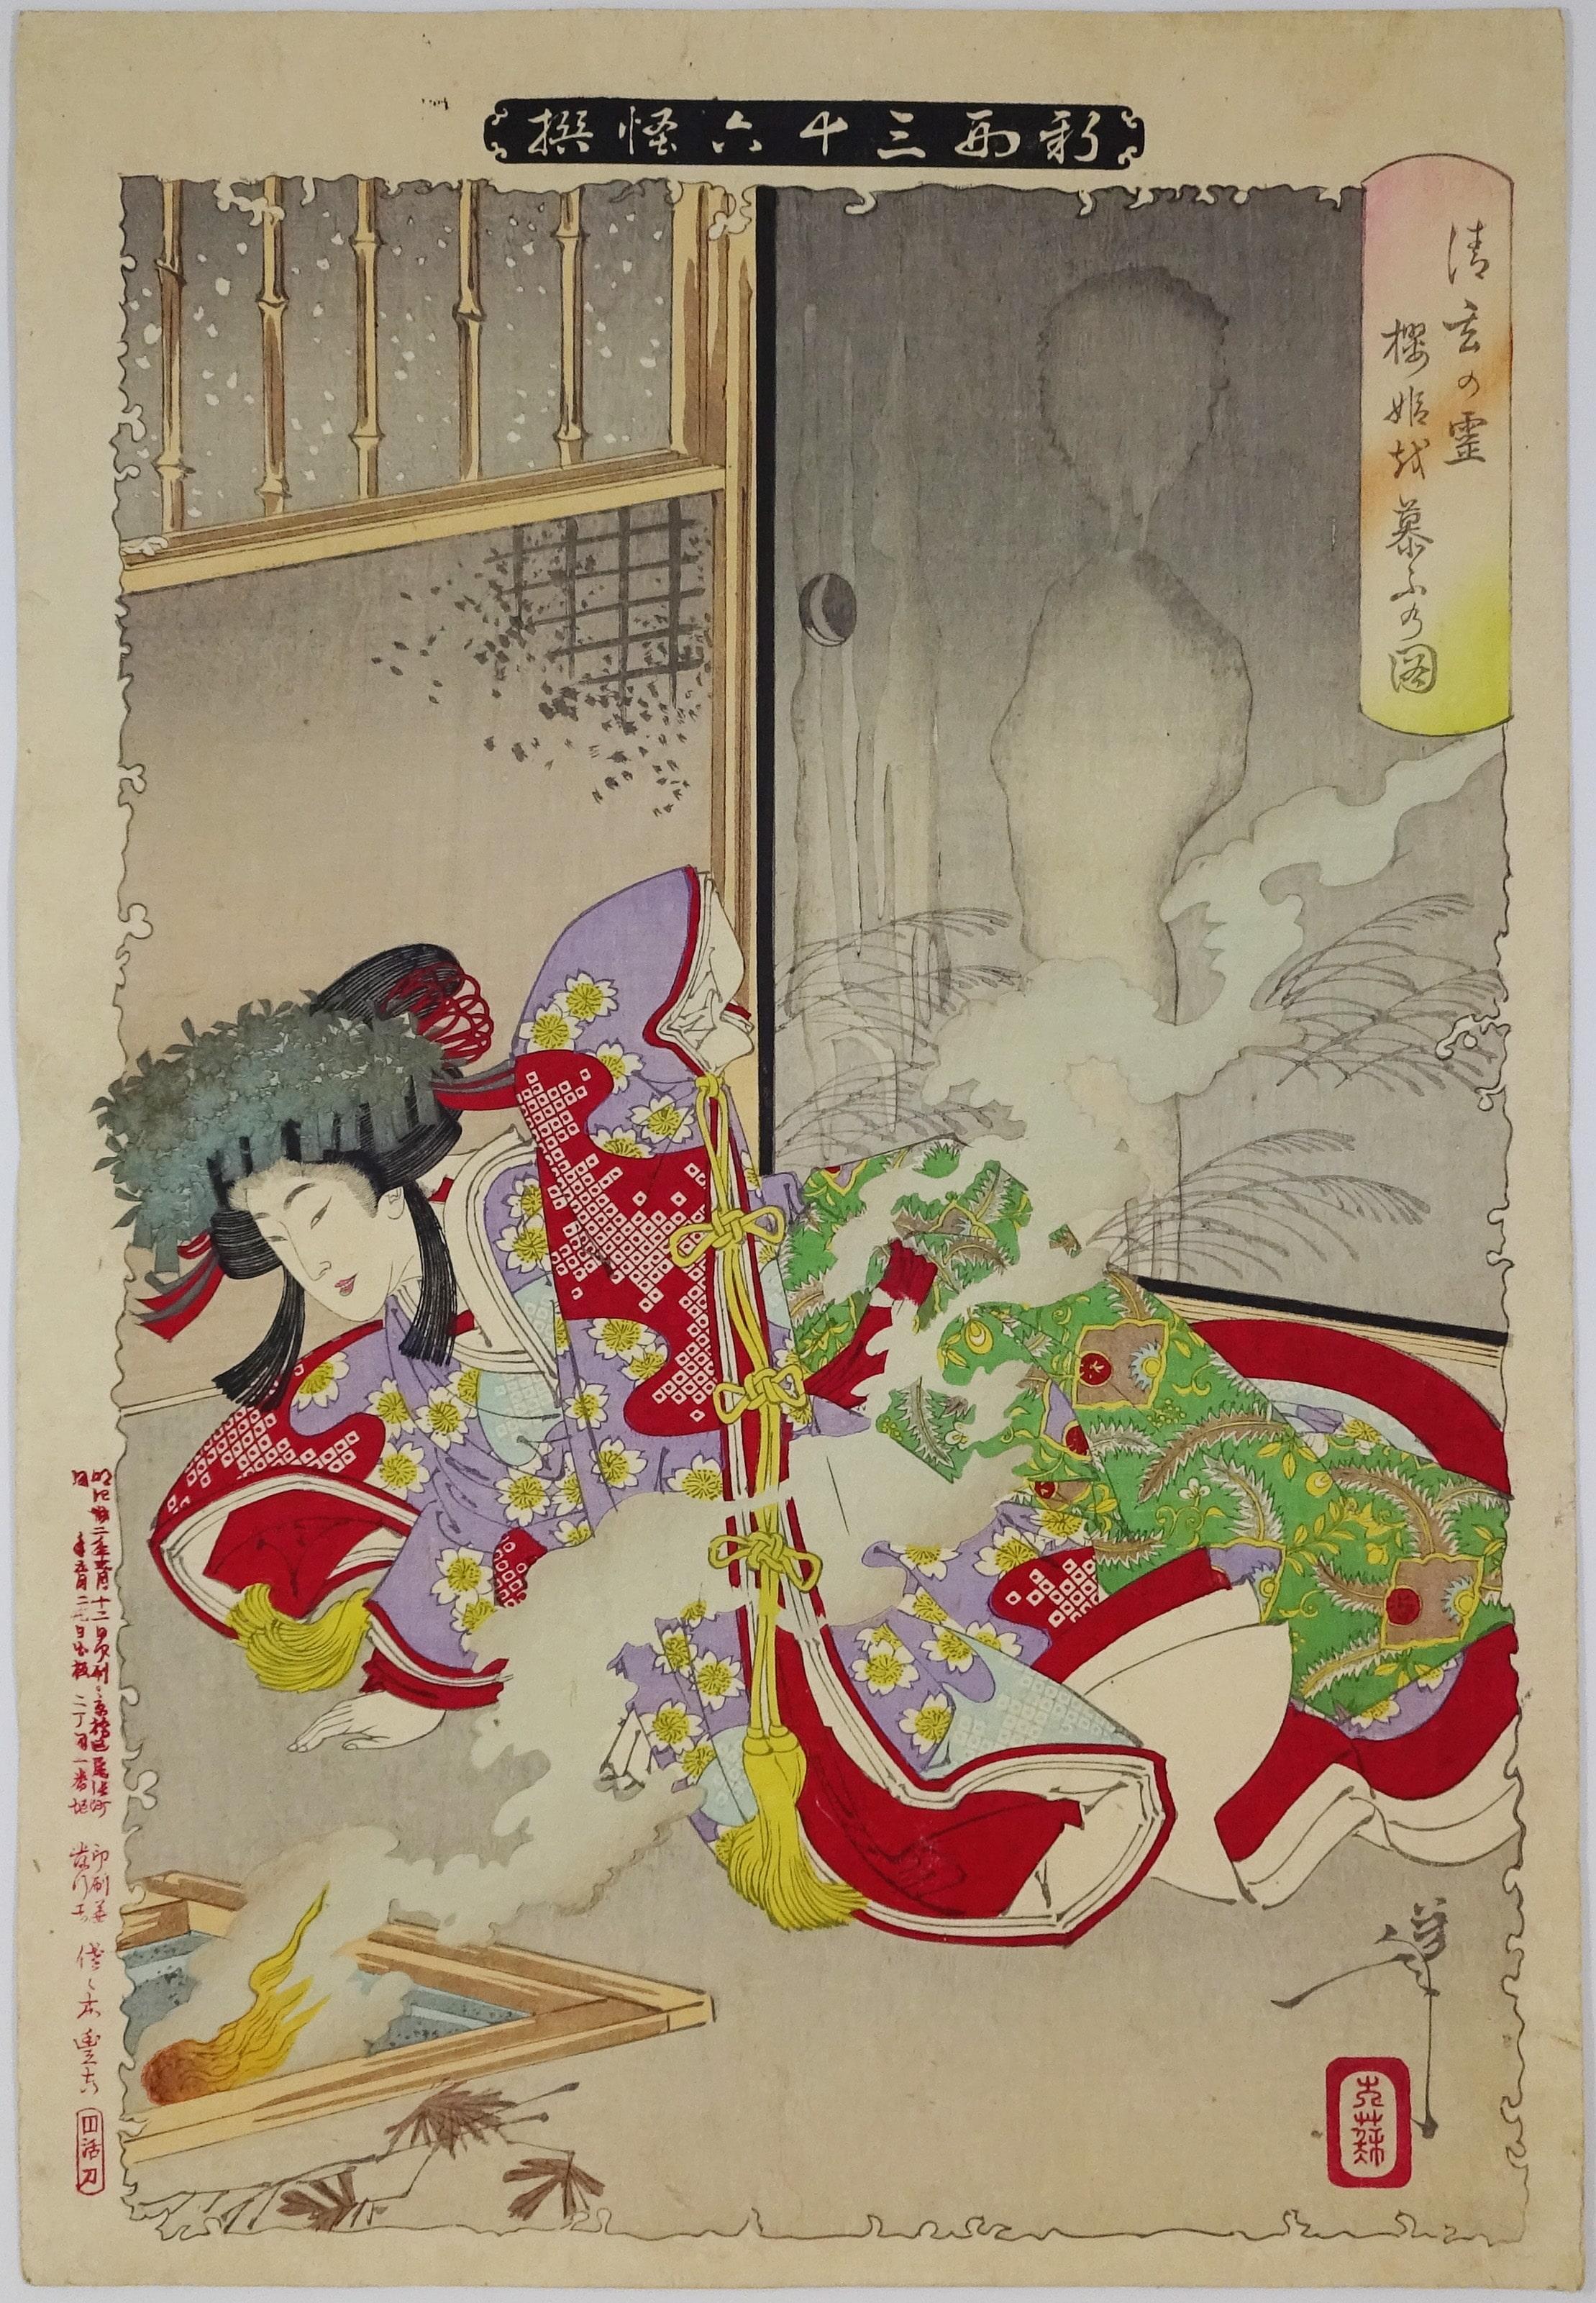 清玄の霊 桜姫を慕ふの図